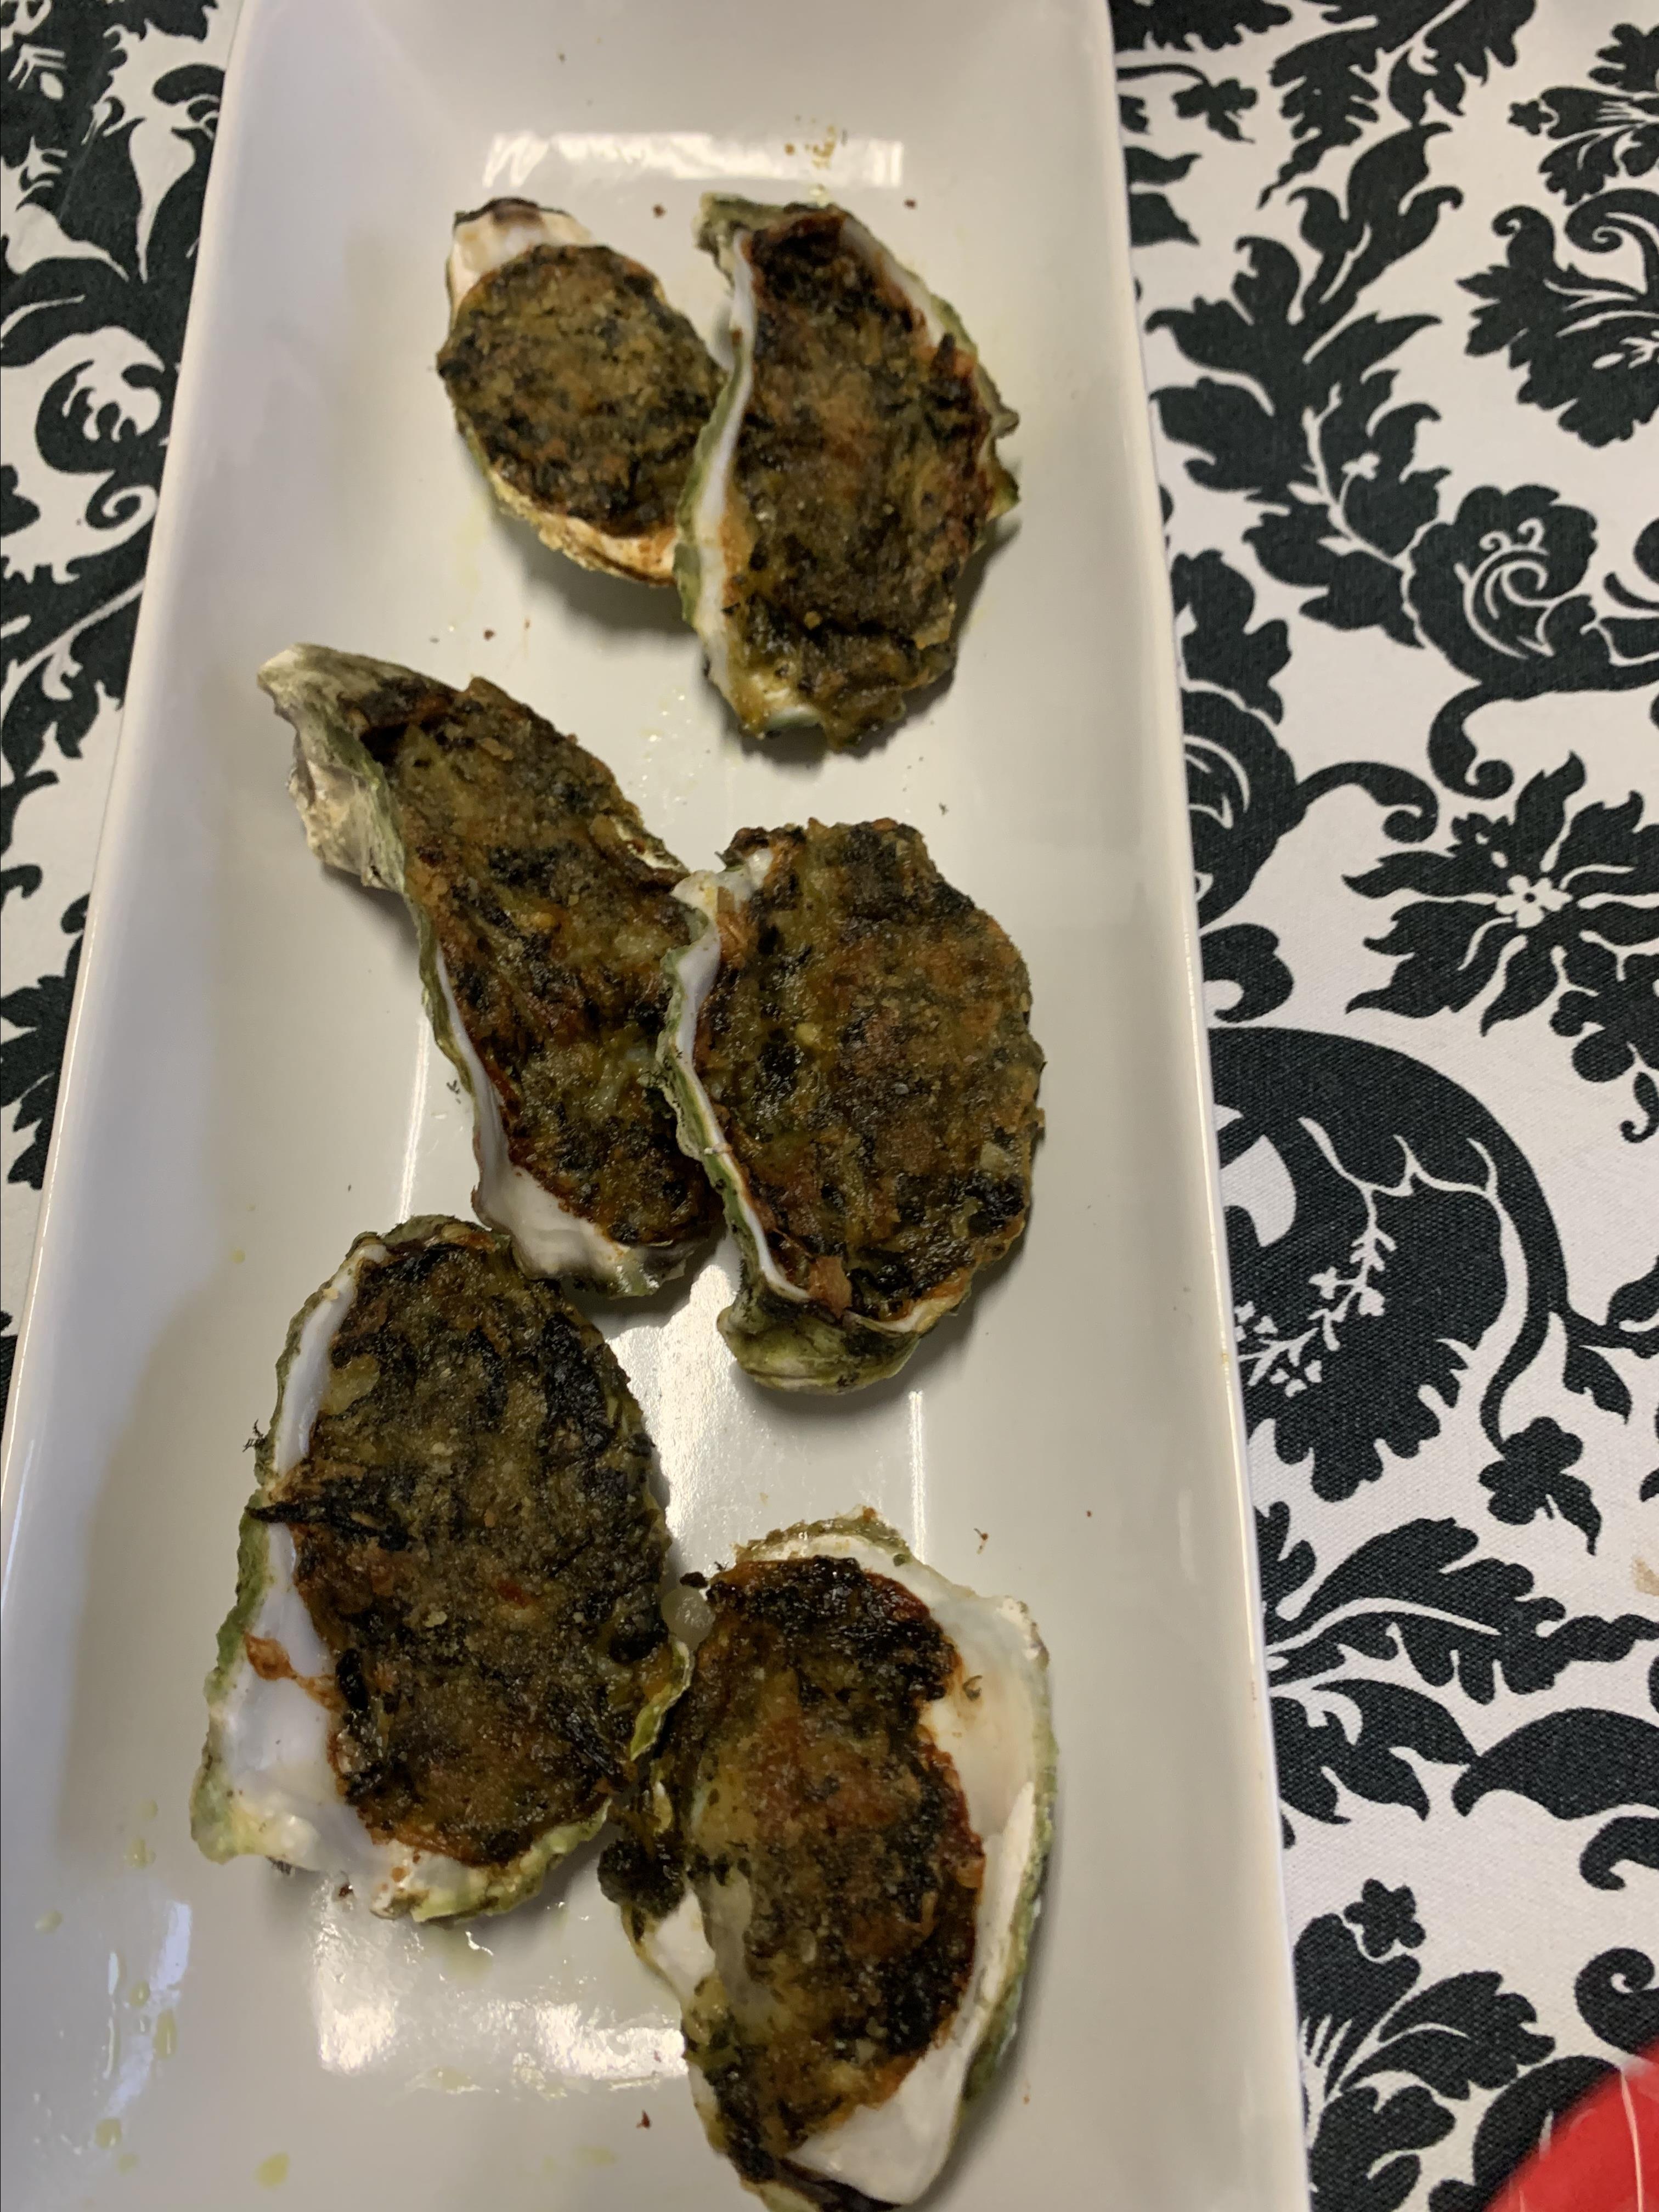 Rockin' Oysters Rockefeller Ehoneycutt